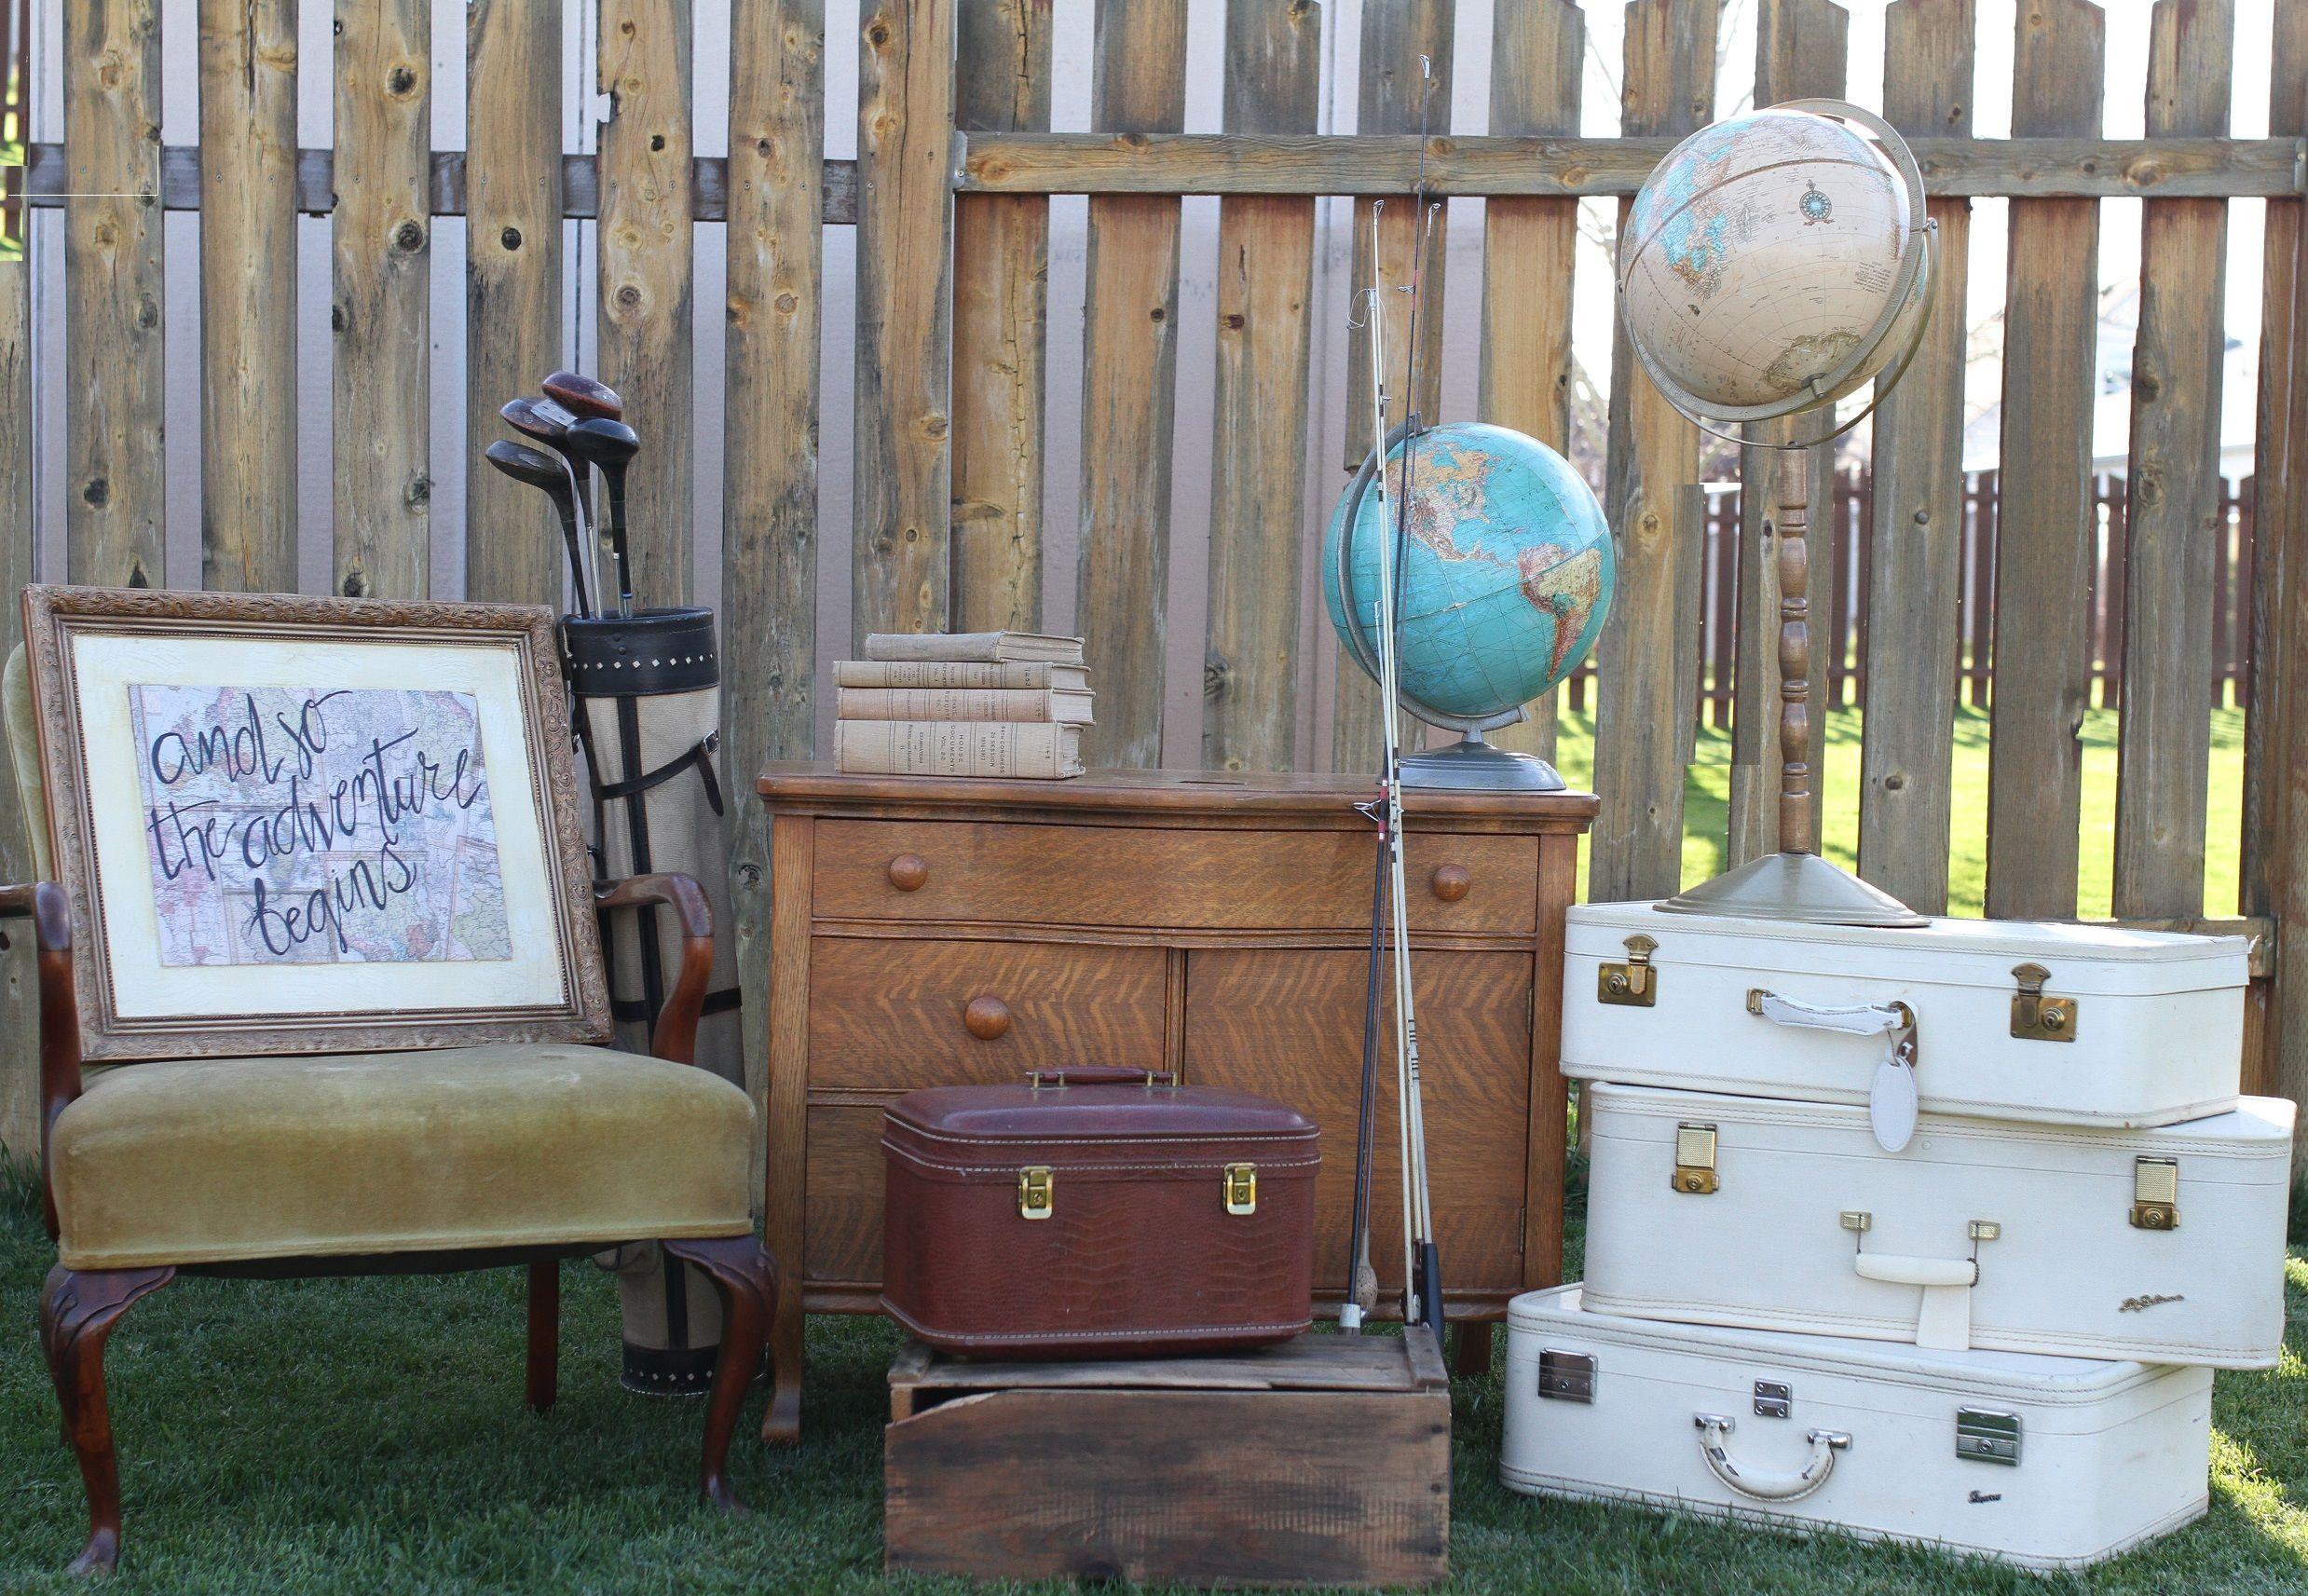 Antique Dresser - Photo Props - Antique Globe - Vintage Suitcases - Vintage Golf Clubs - Antique Golf Bag - Adventure Wedding Setup - Adventure Wedding Props